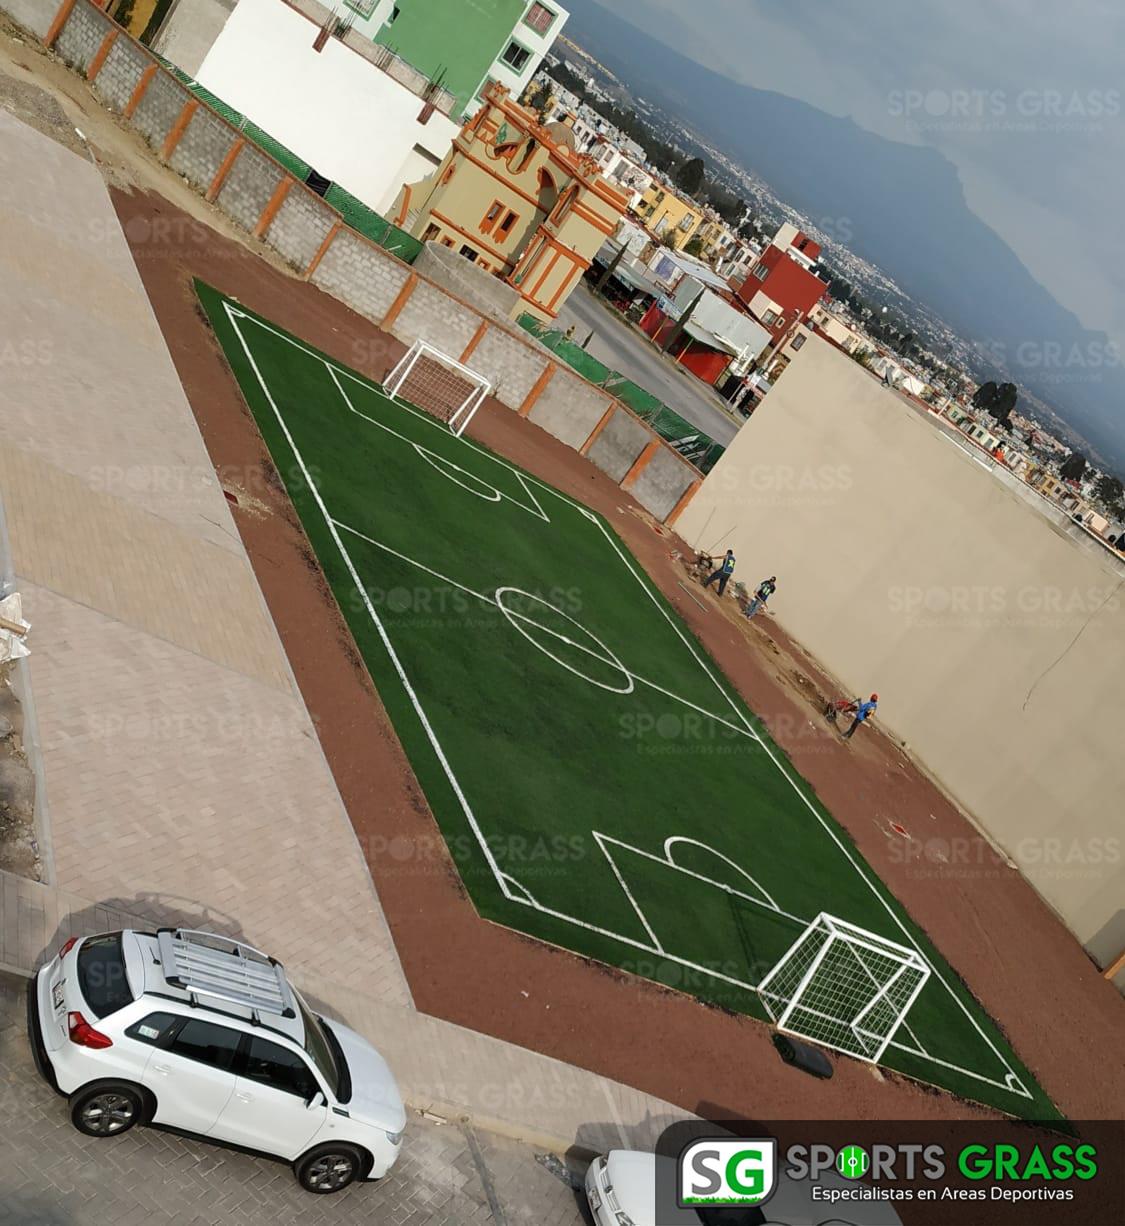 Cancha Futbol 5 Misiones de San Francisco Puebla Sports Grass 07